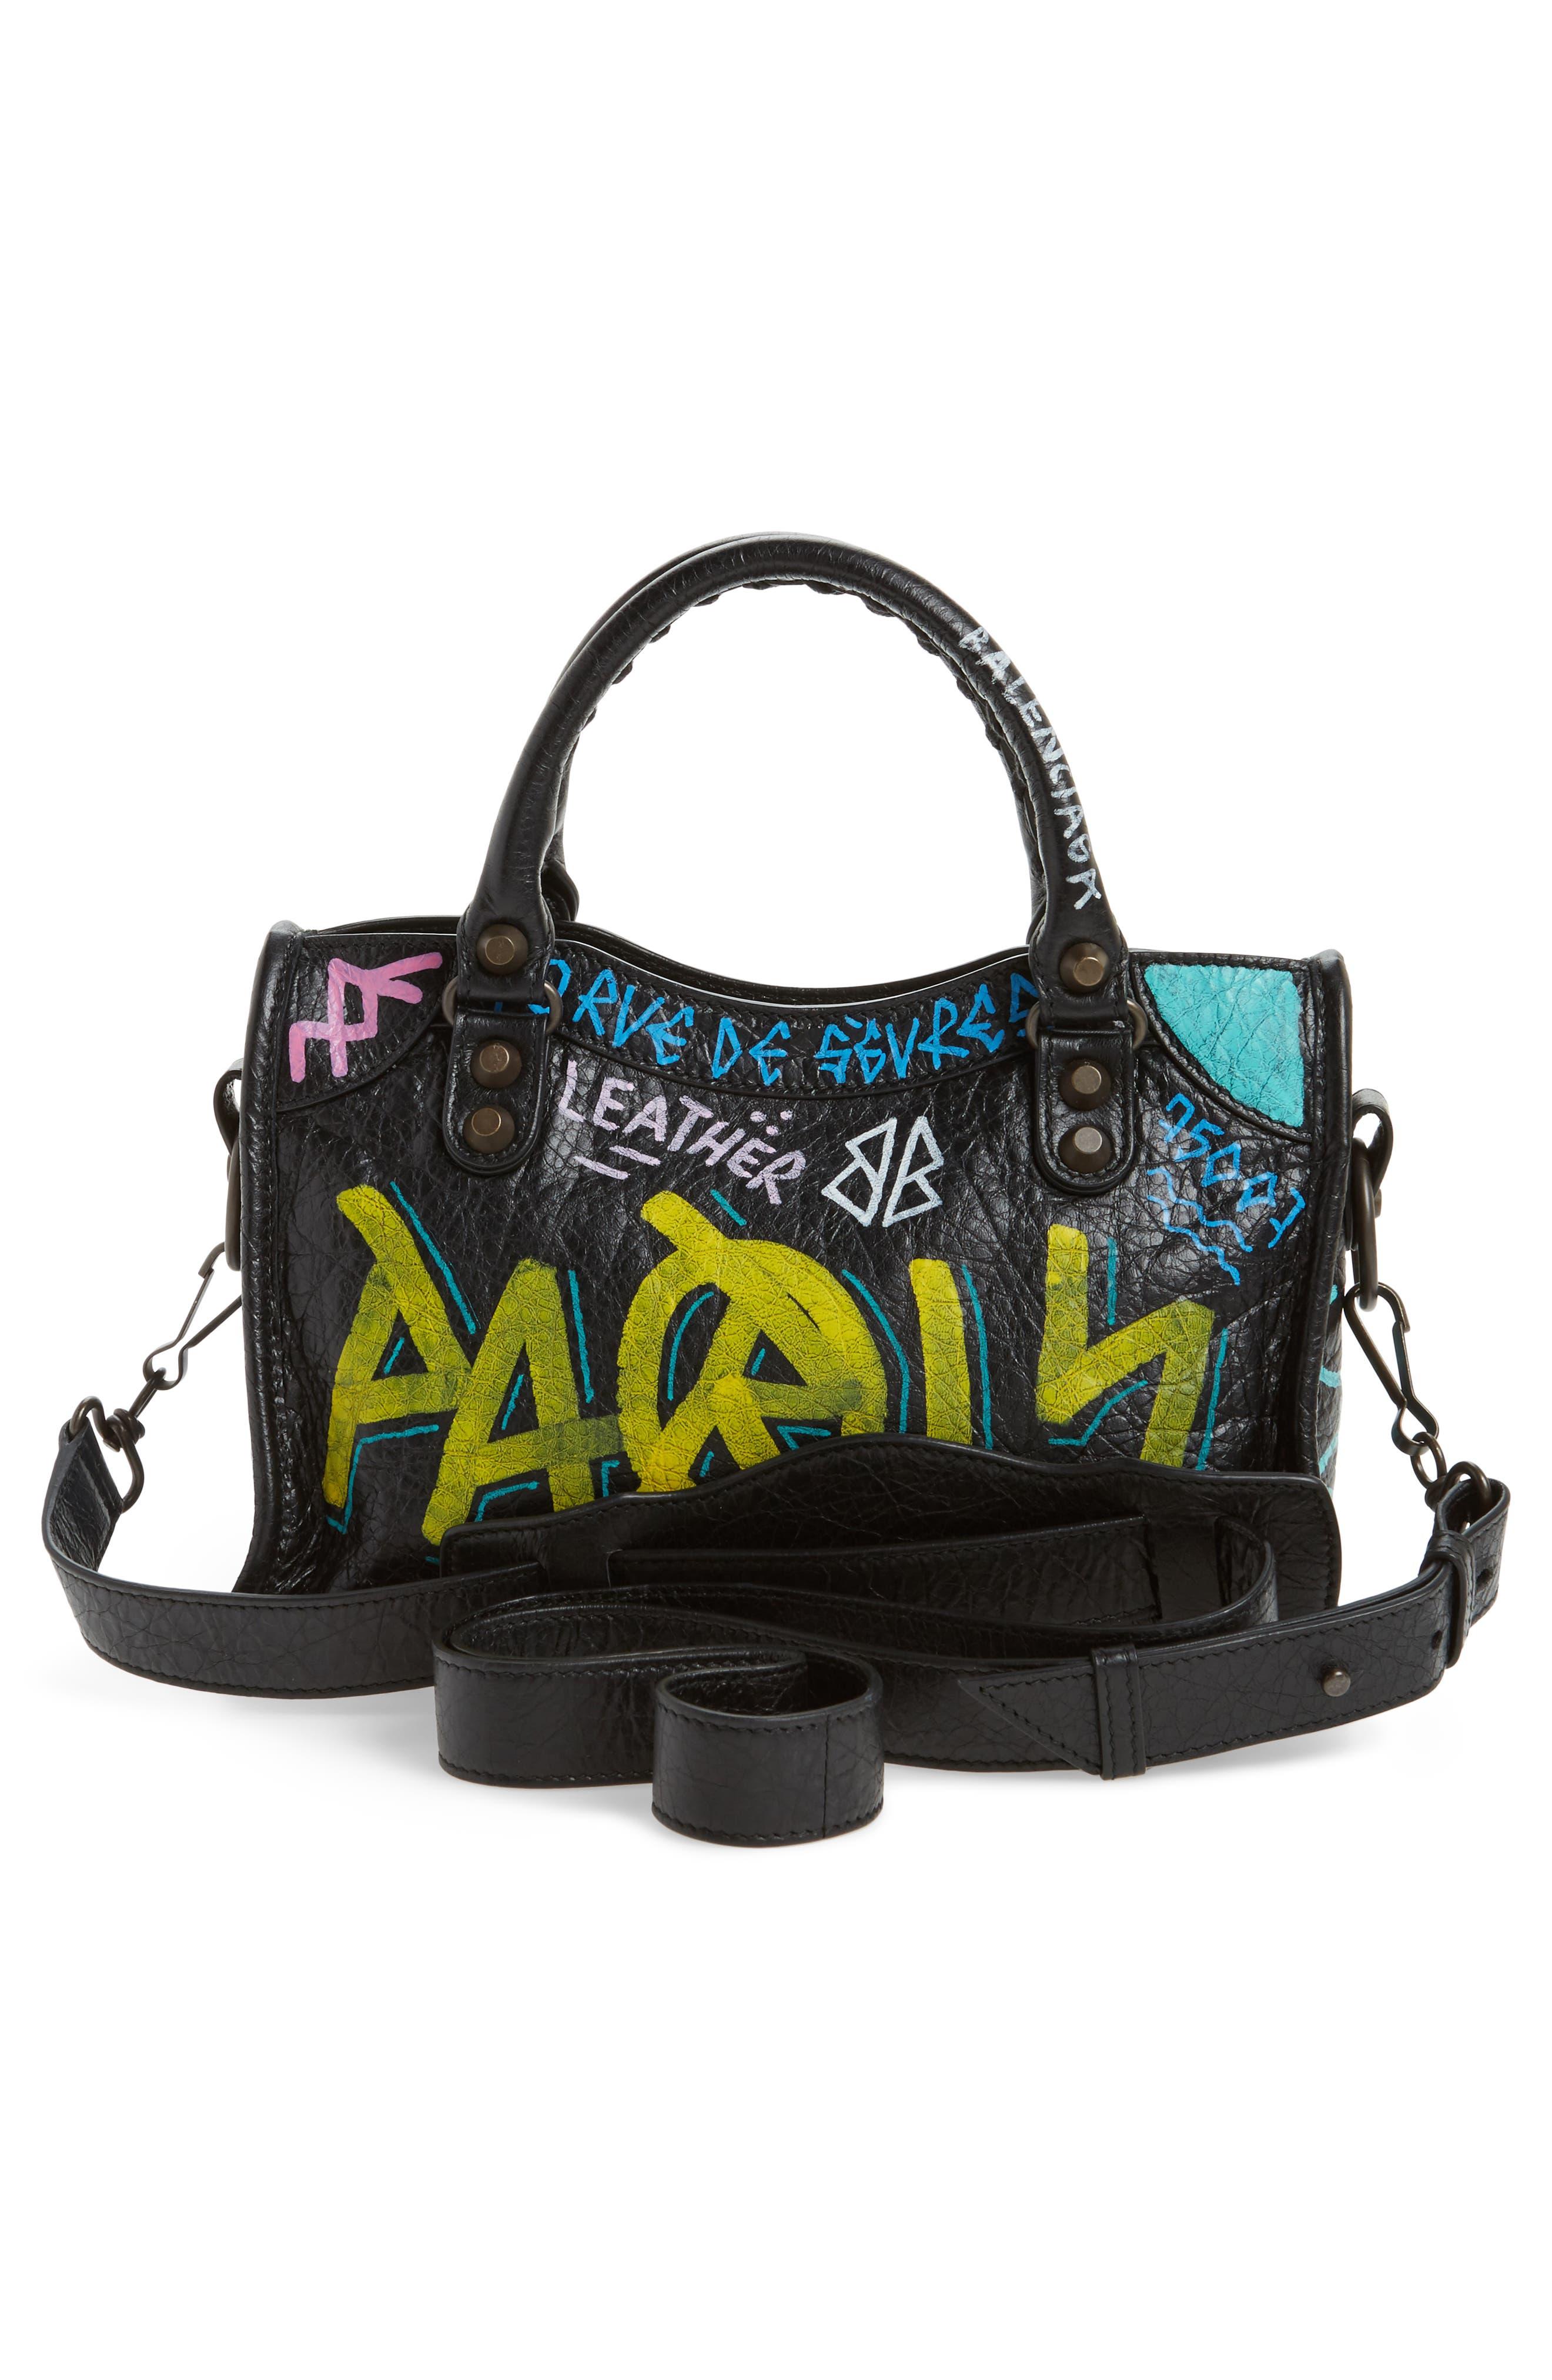 Mini City Graffiti Leather Tote,                             Alternate thumbnail 3, color,                             Noir/ Multi Color